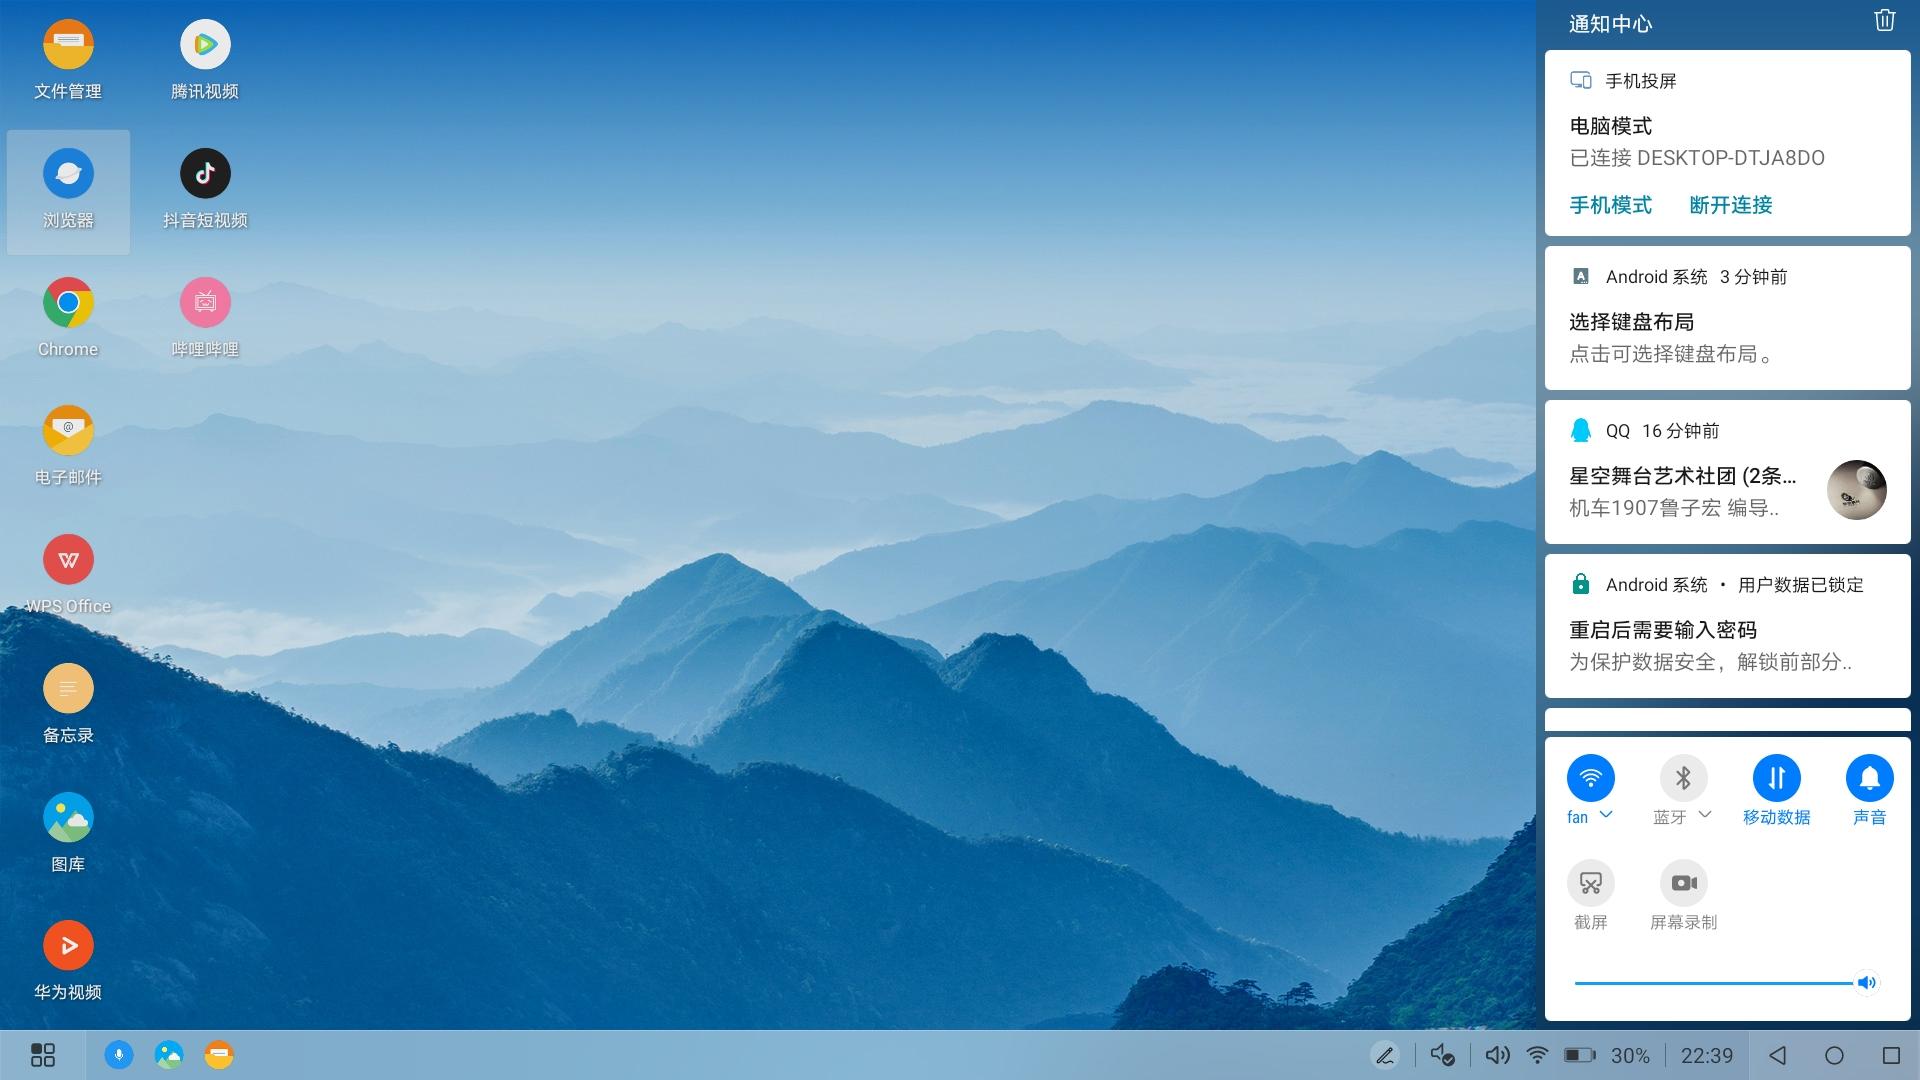 Screenshot_20200514-223958.jpg